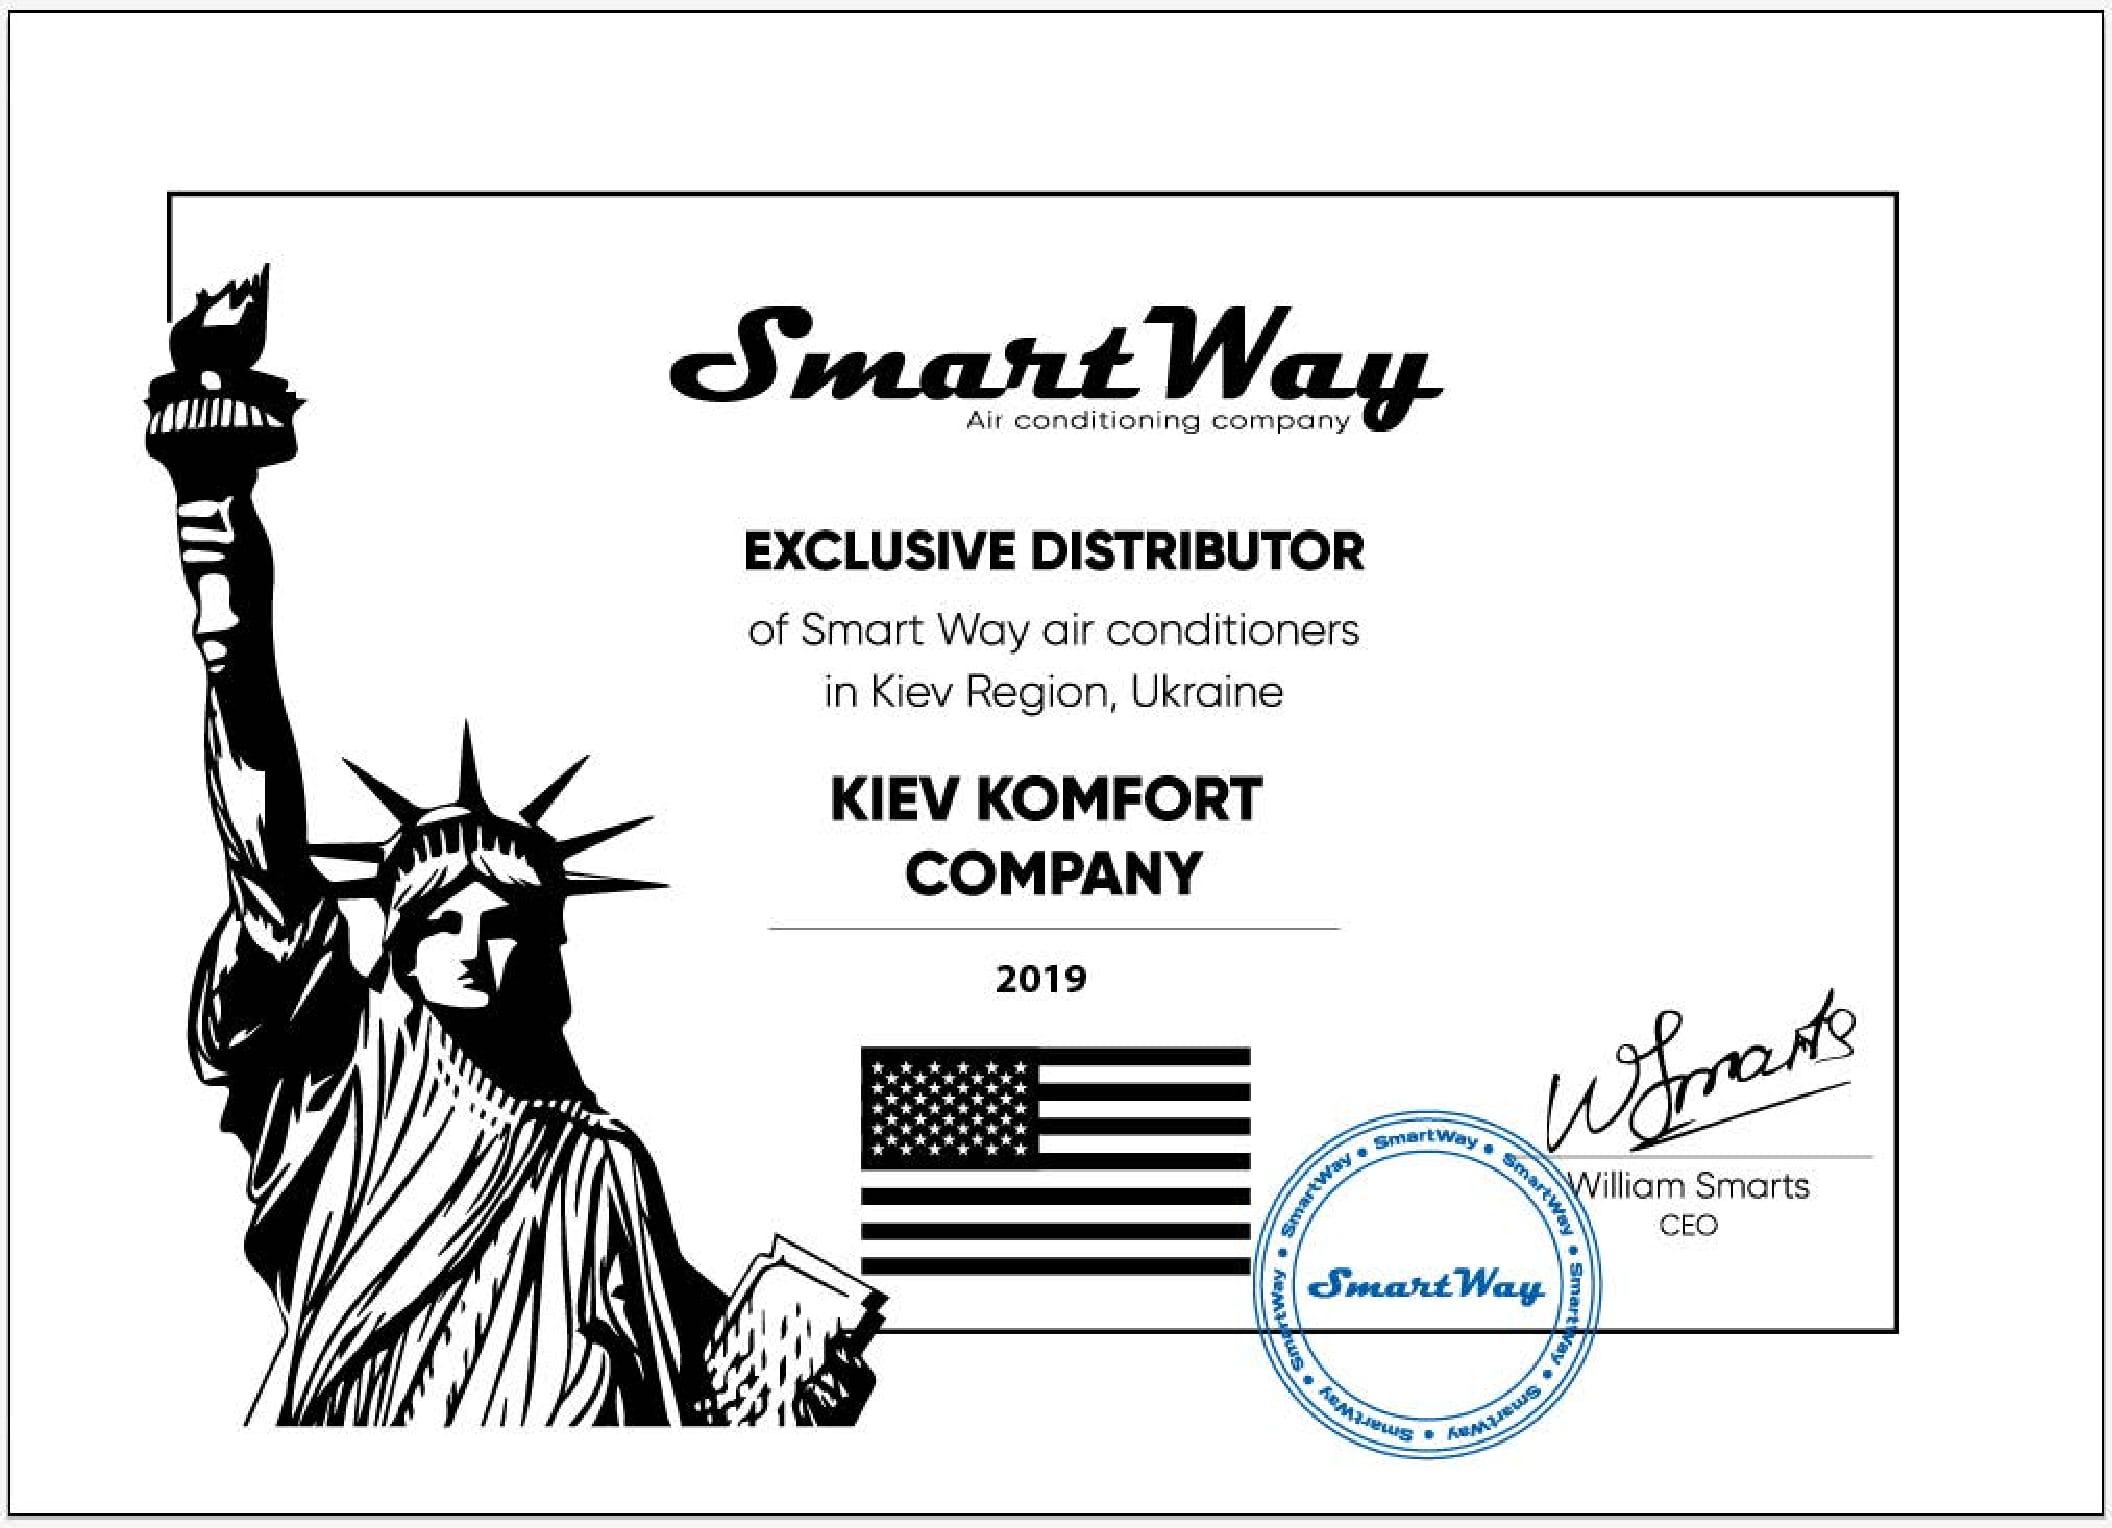 Сертификат официального диллера SmartWay 2019